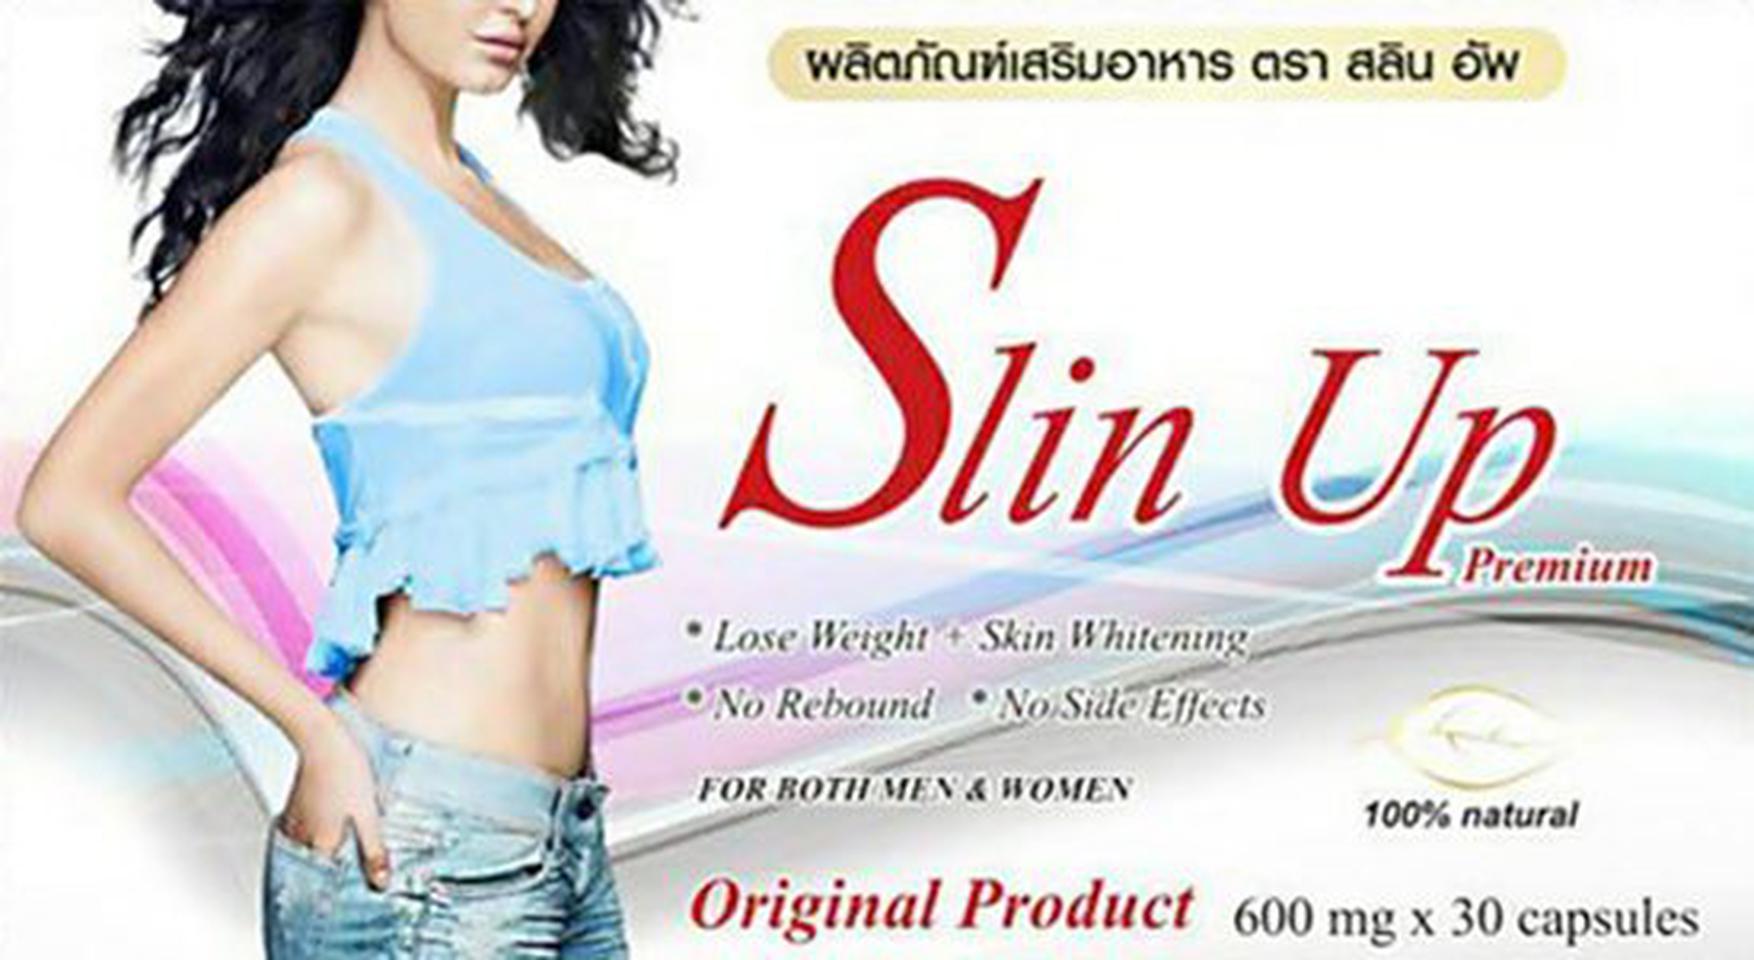 อาหารเสริม สลินอัพ Slin Up Premium ทีเชฟ ทีโกลด์ T-Shape T-Gold ช่วยเร่งให้ร่างกายมีการเผาผลาญอาหารและไขมันมากขึ้น รูปที่ 6